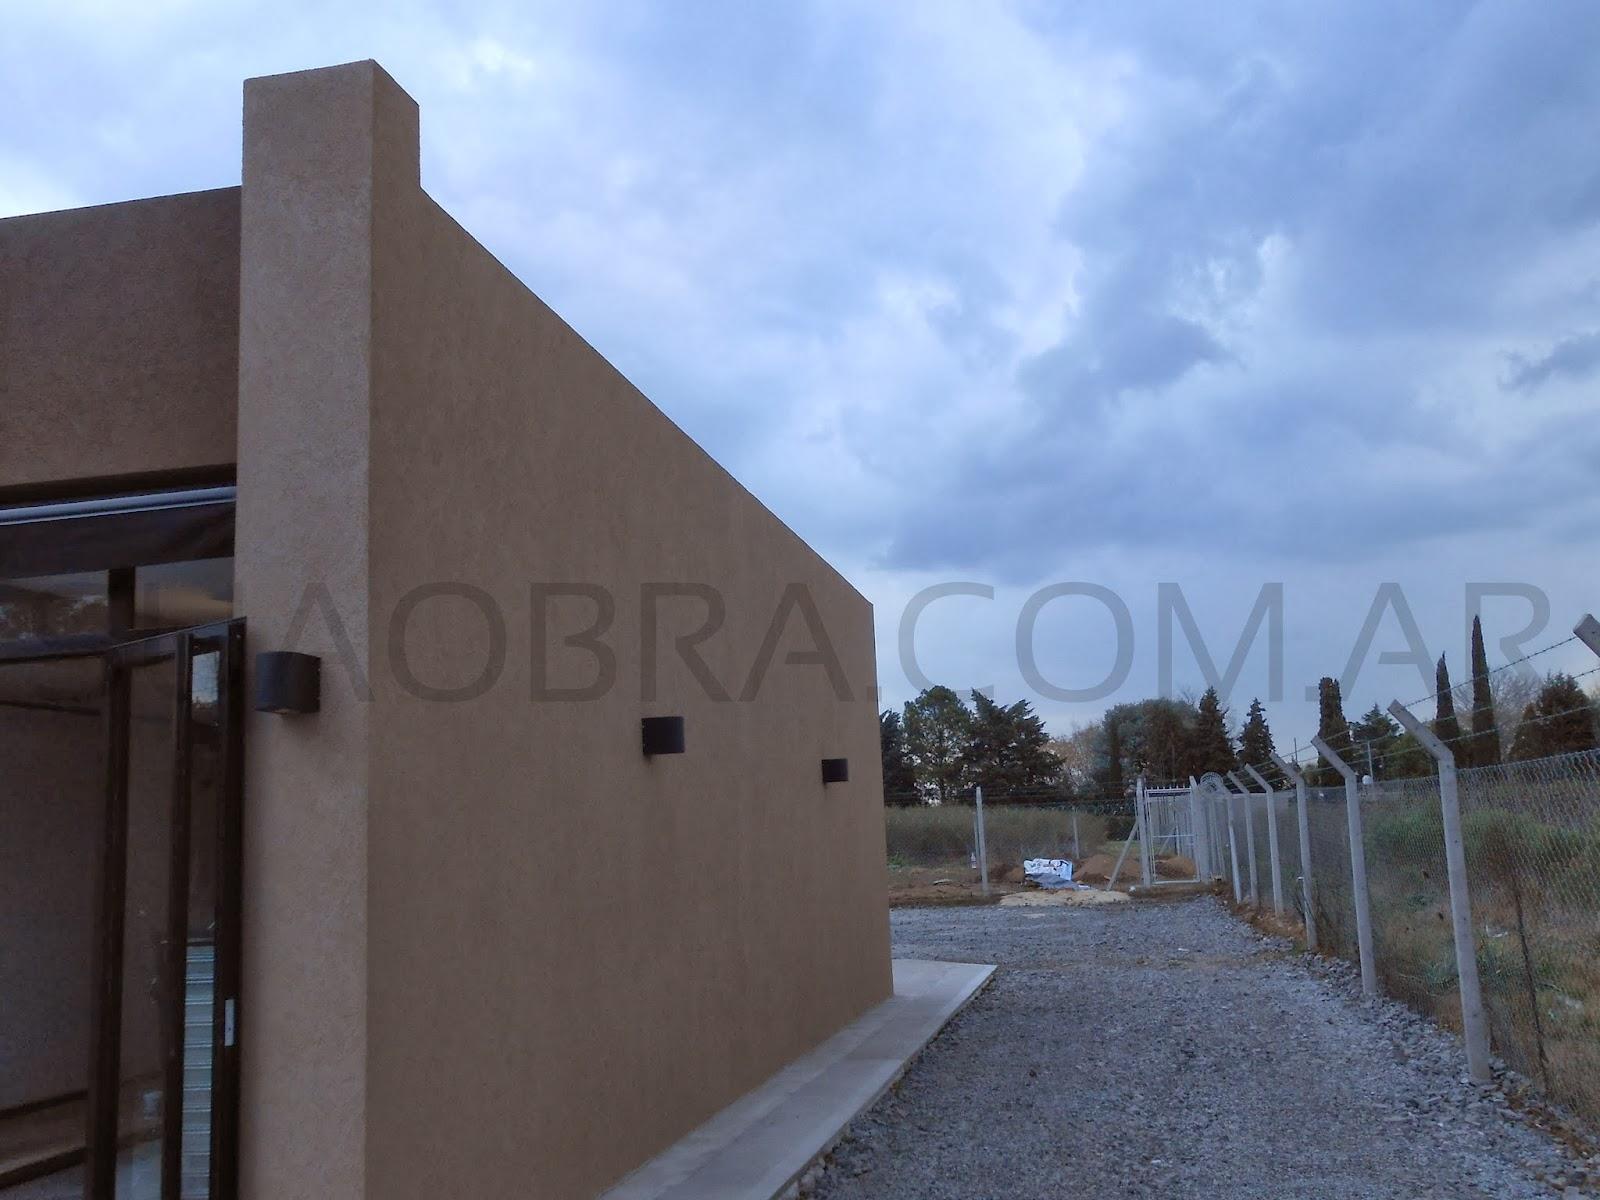 M s de 1000 ideas sobre revestimiento pared exterior en - Revestimiento de pared exterior ...